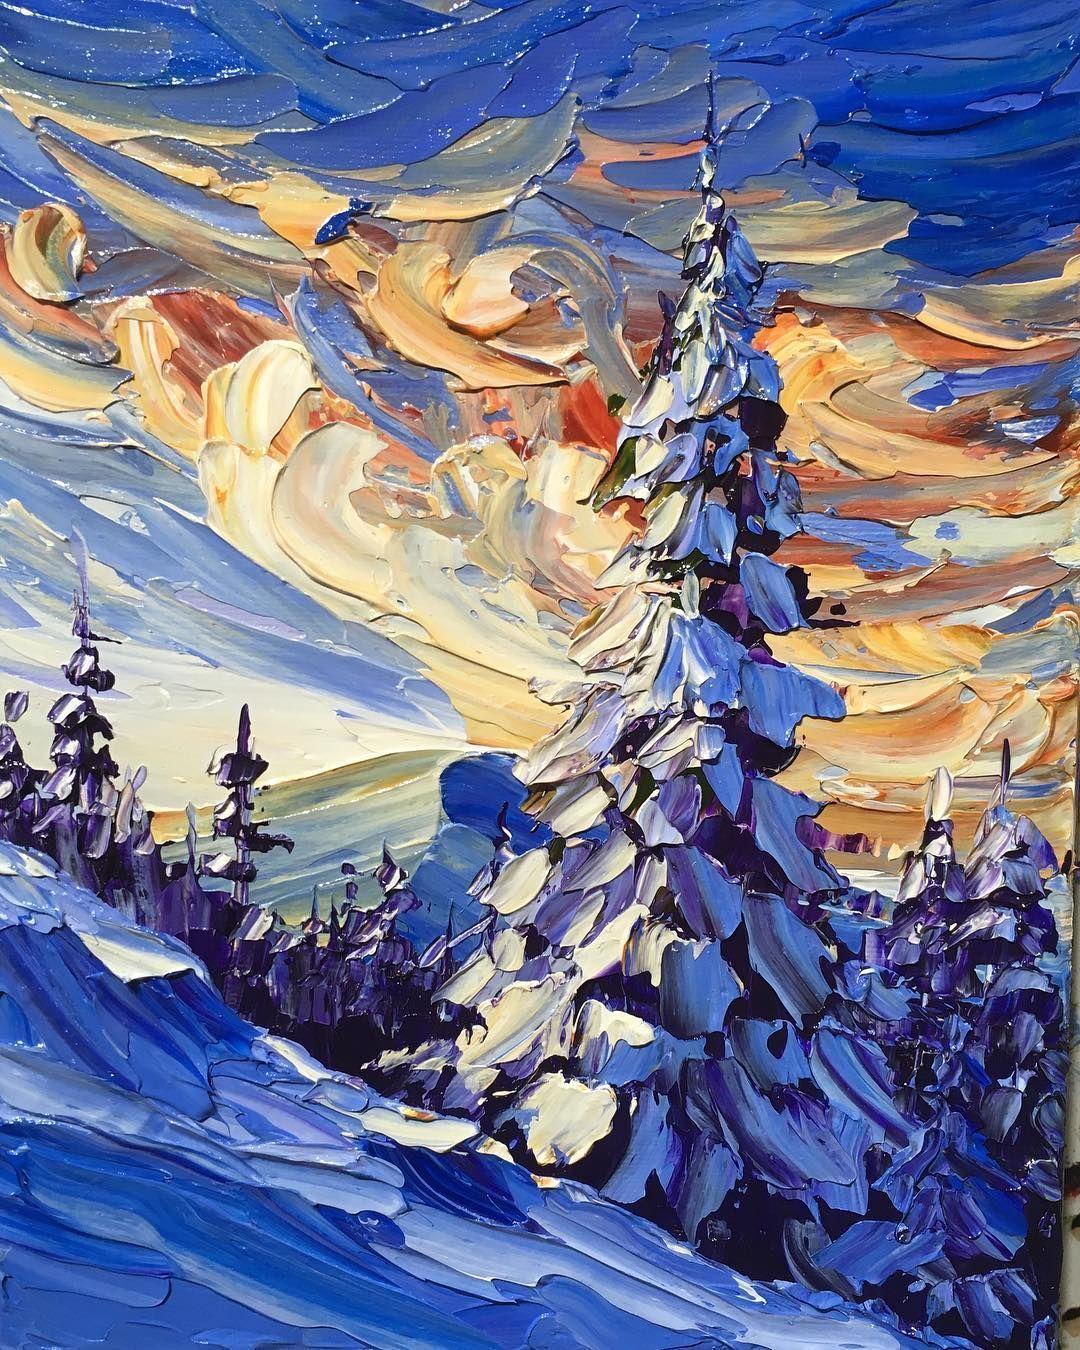 Artpaintings painting art landscape art